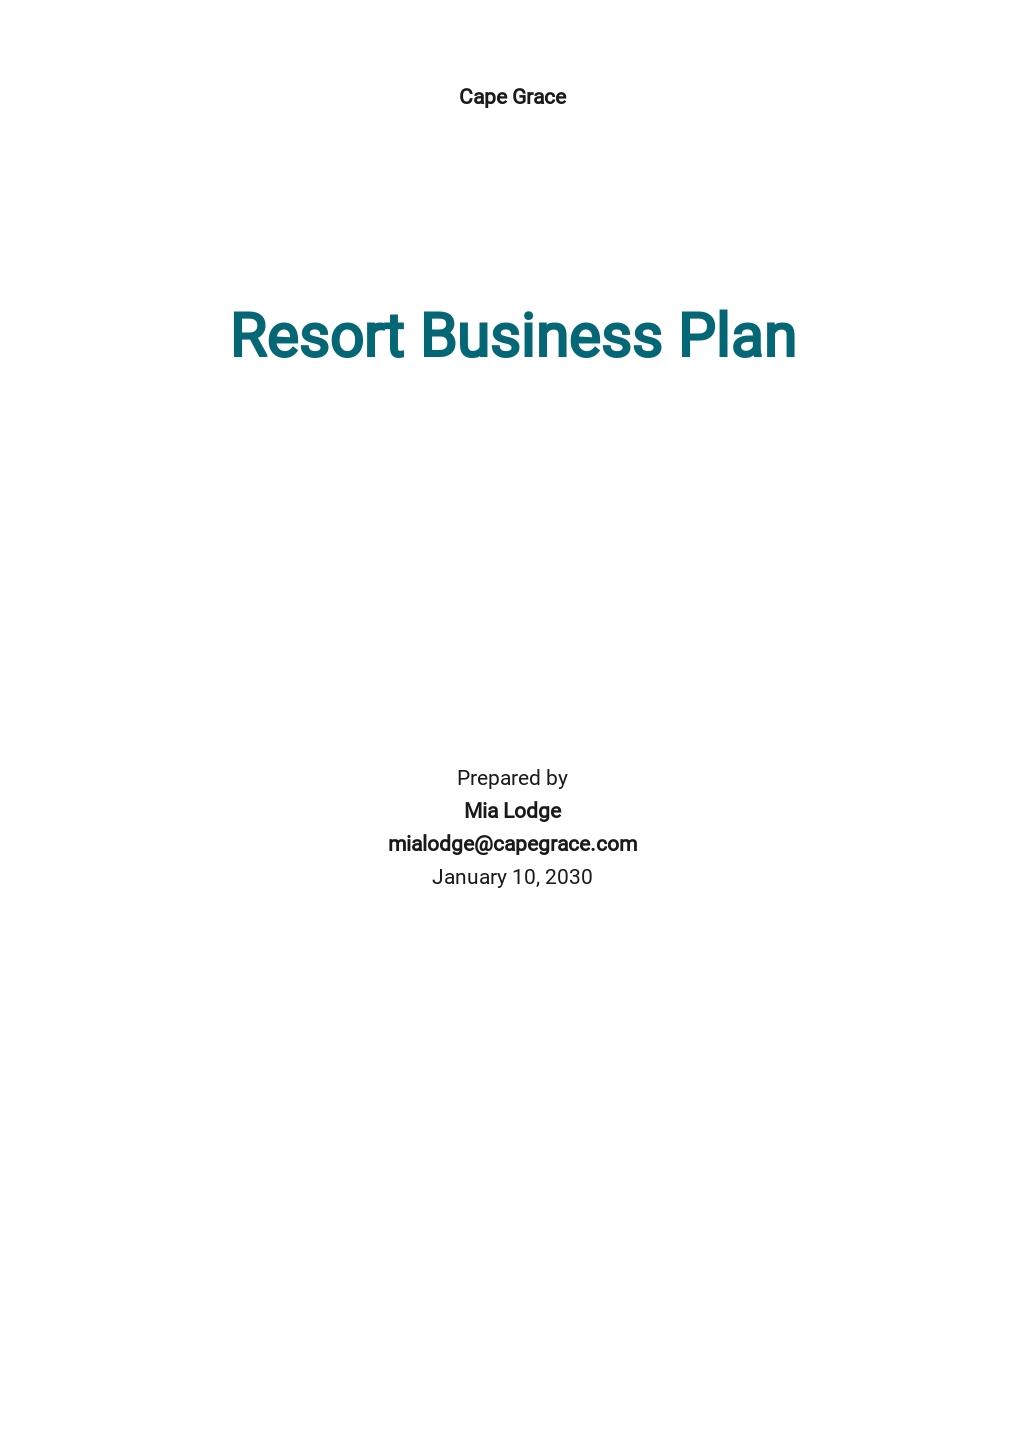 Resort Business Plan Template